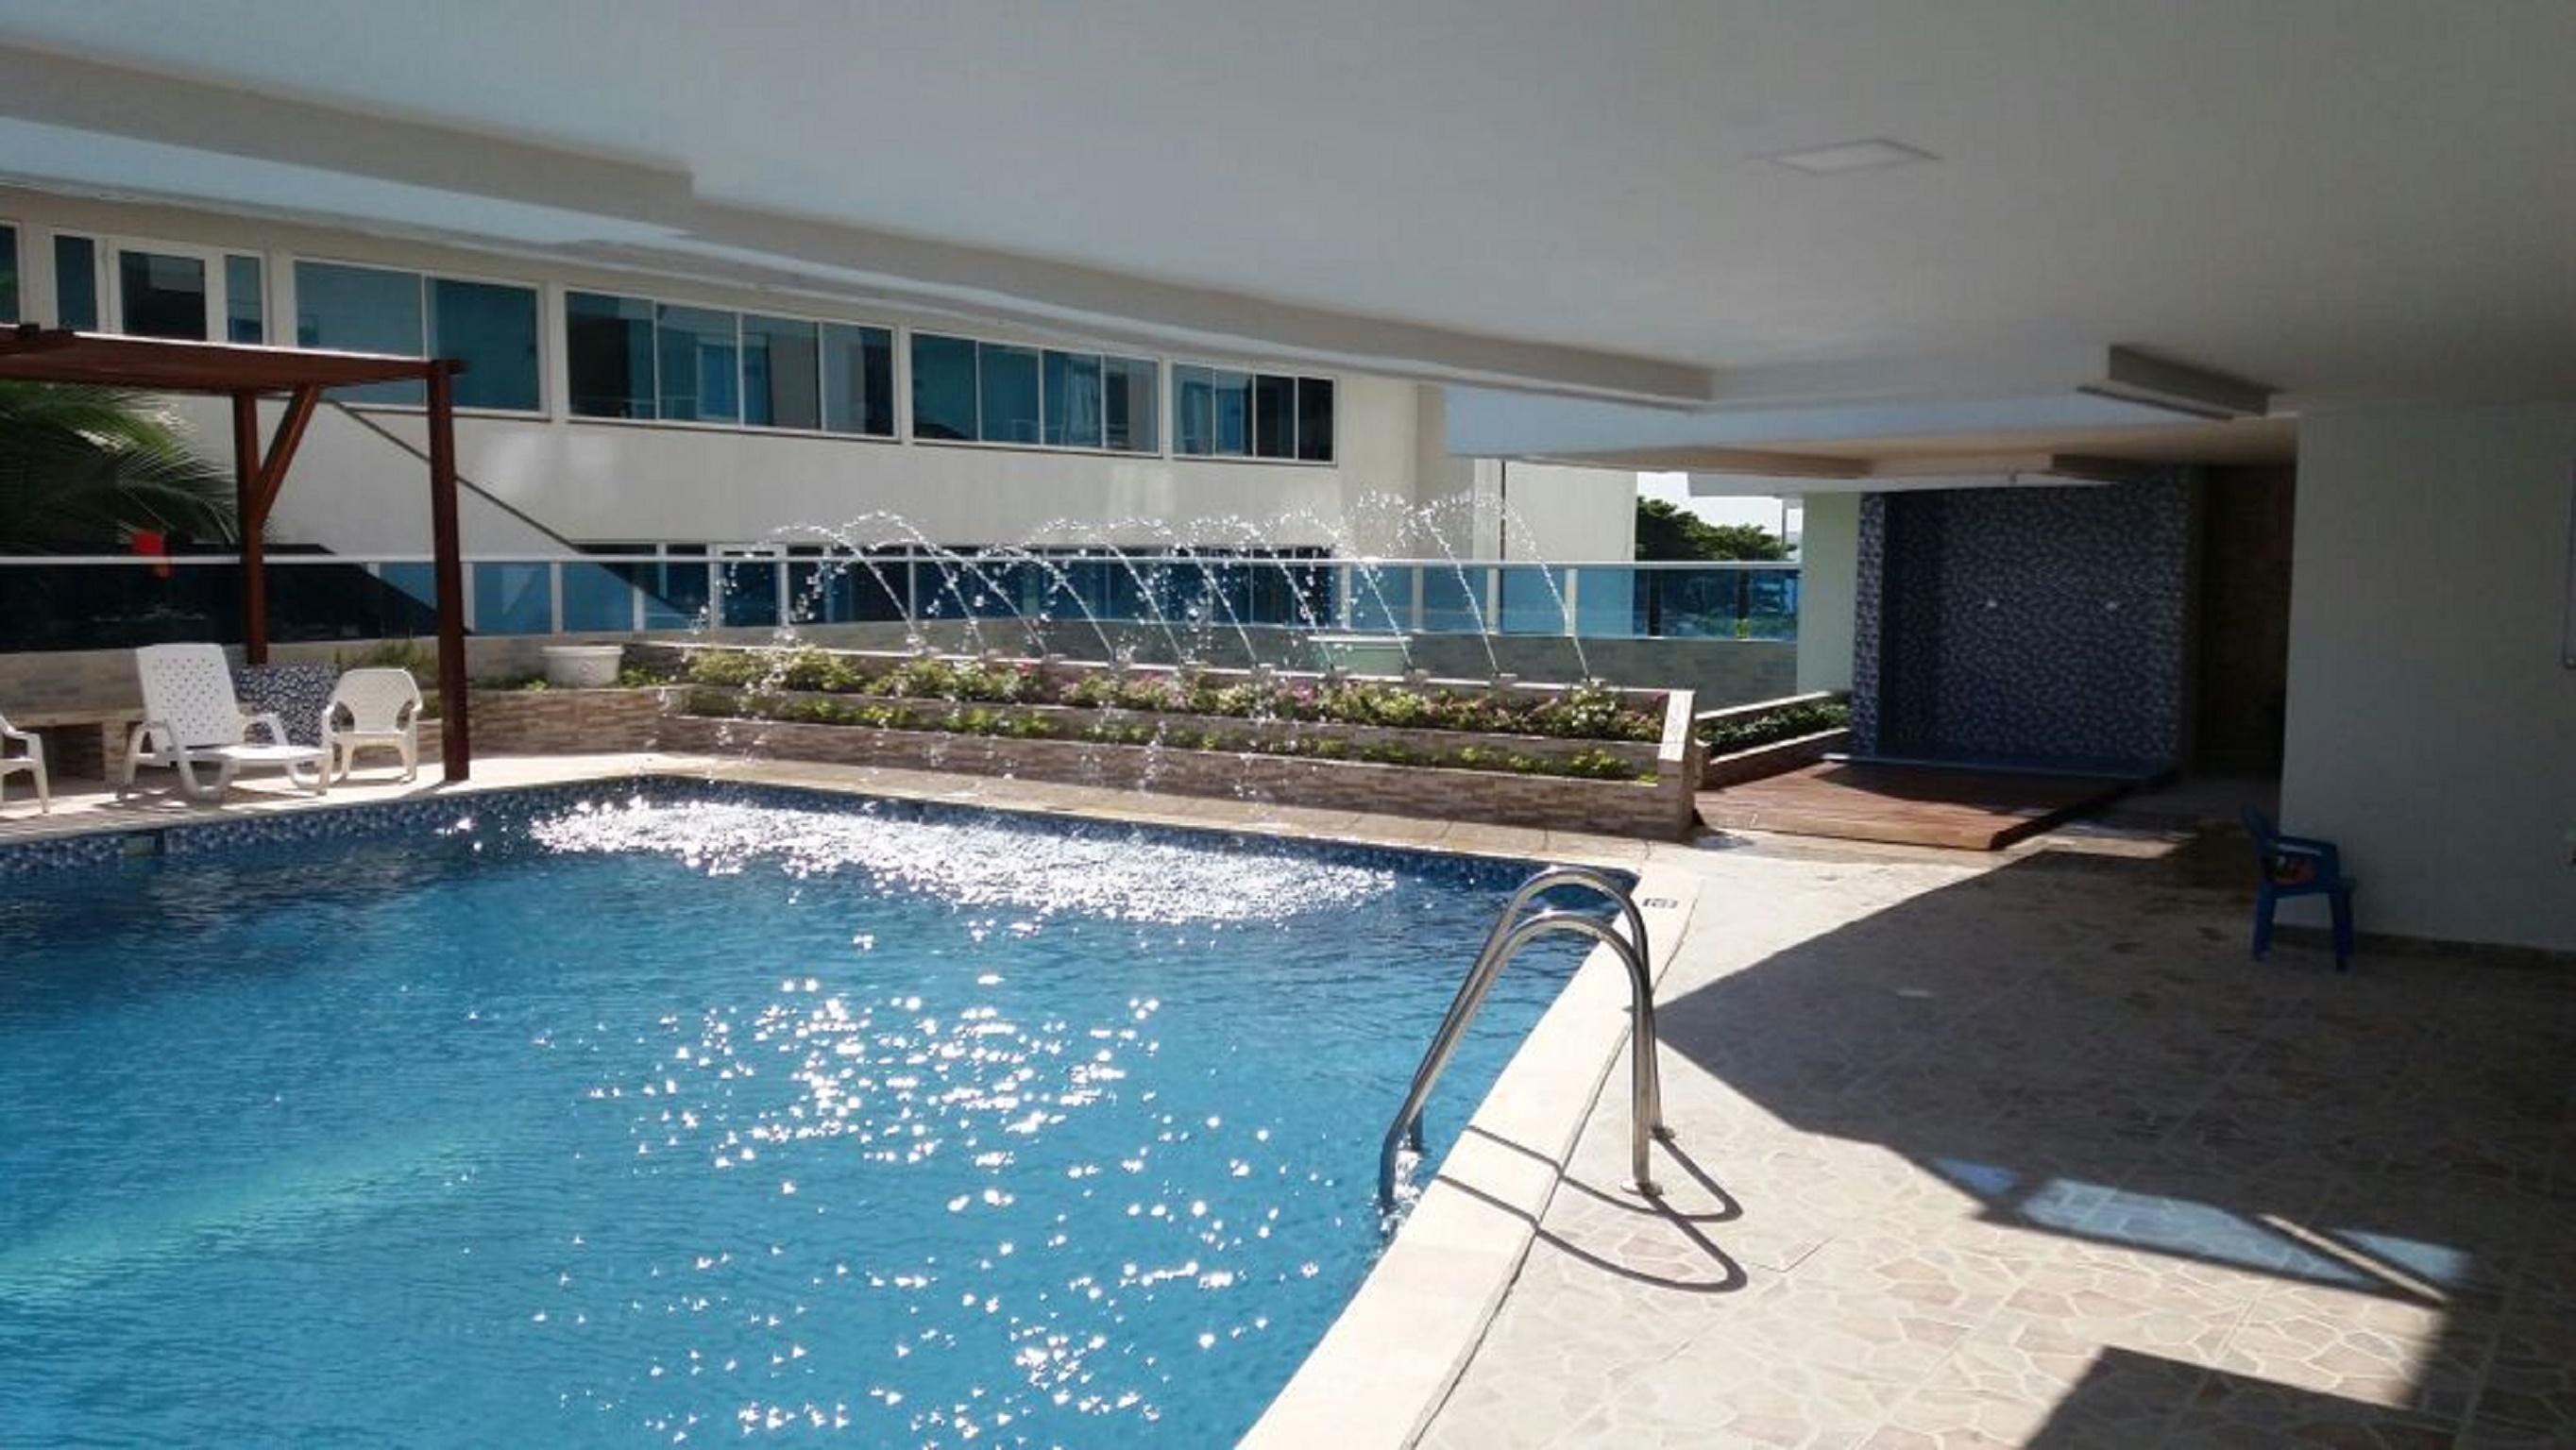 Wohnung in Cartagena direkt am Meer E11c